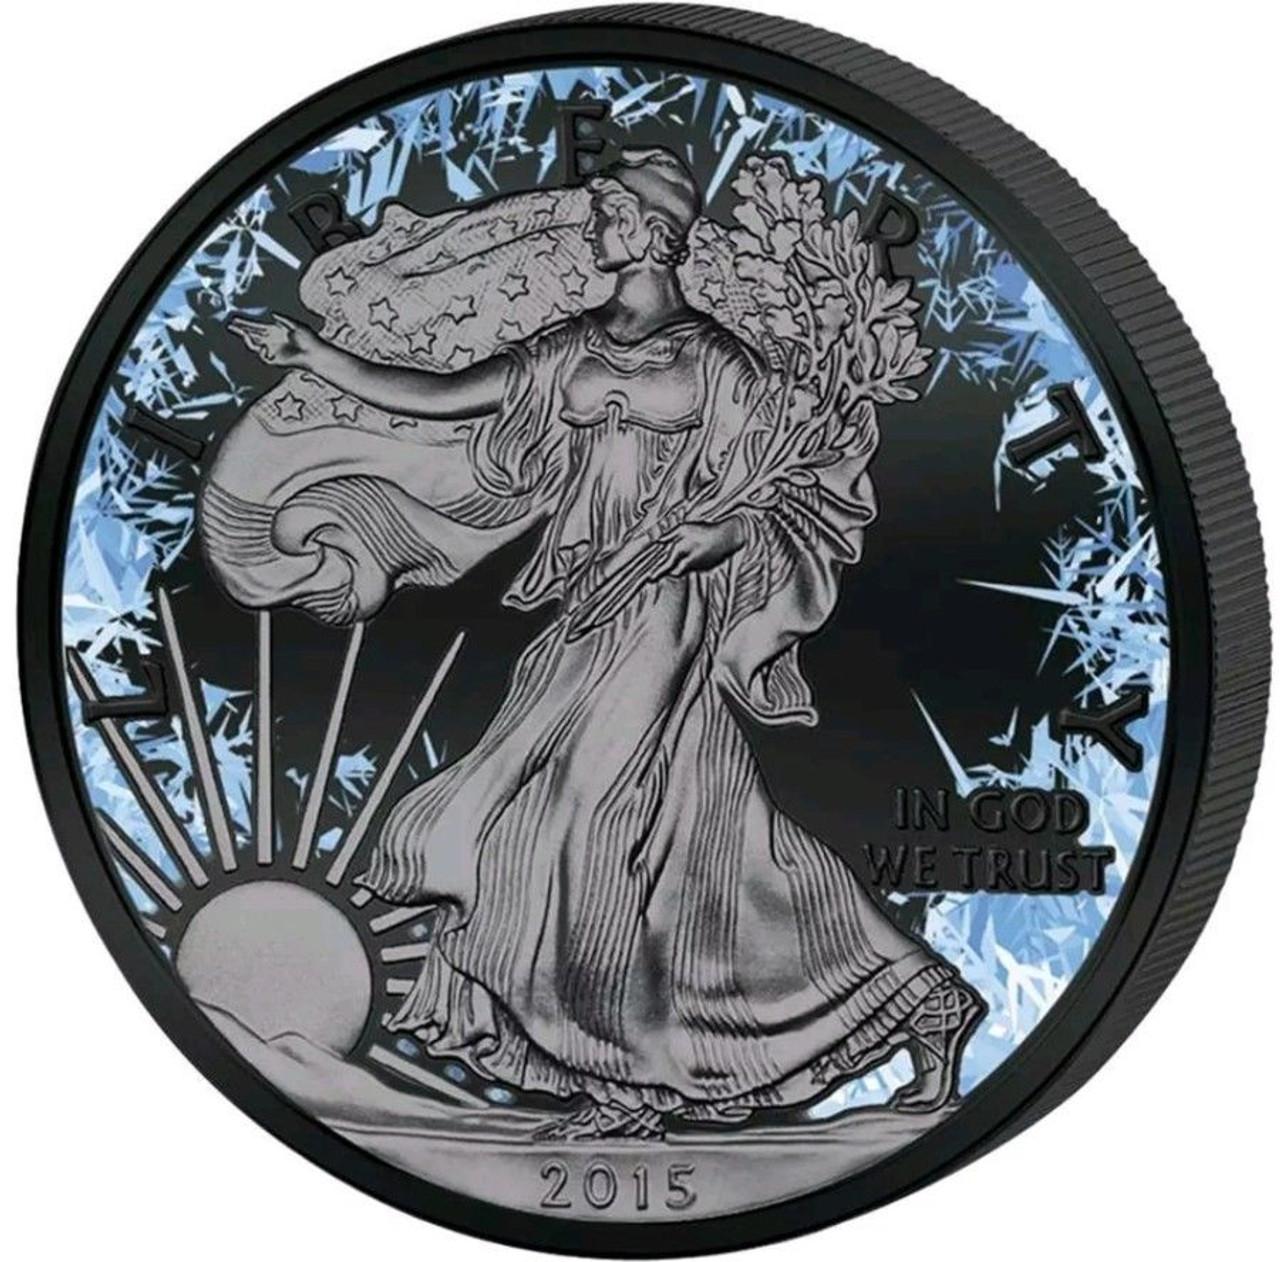 2018 Arctic Blast 1 oz fine silver American Eagle Coin Black Ruthenium